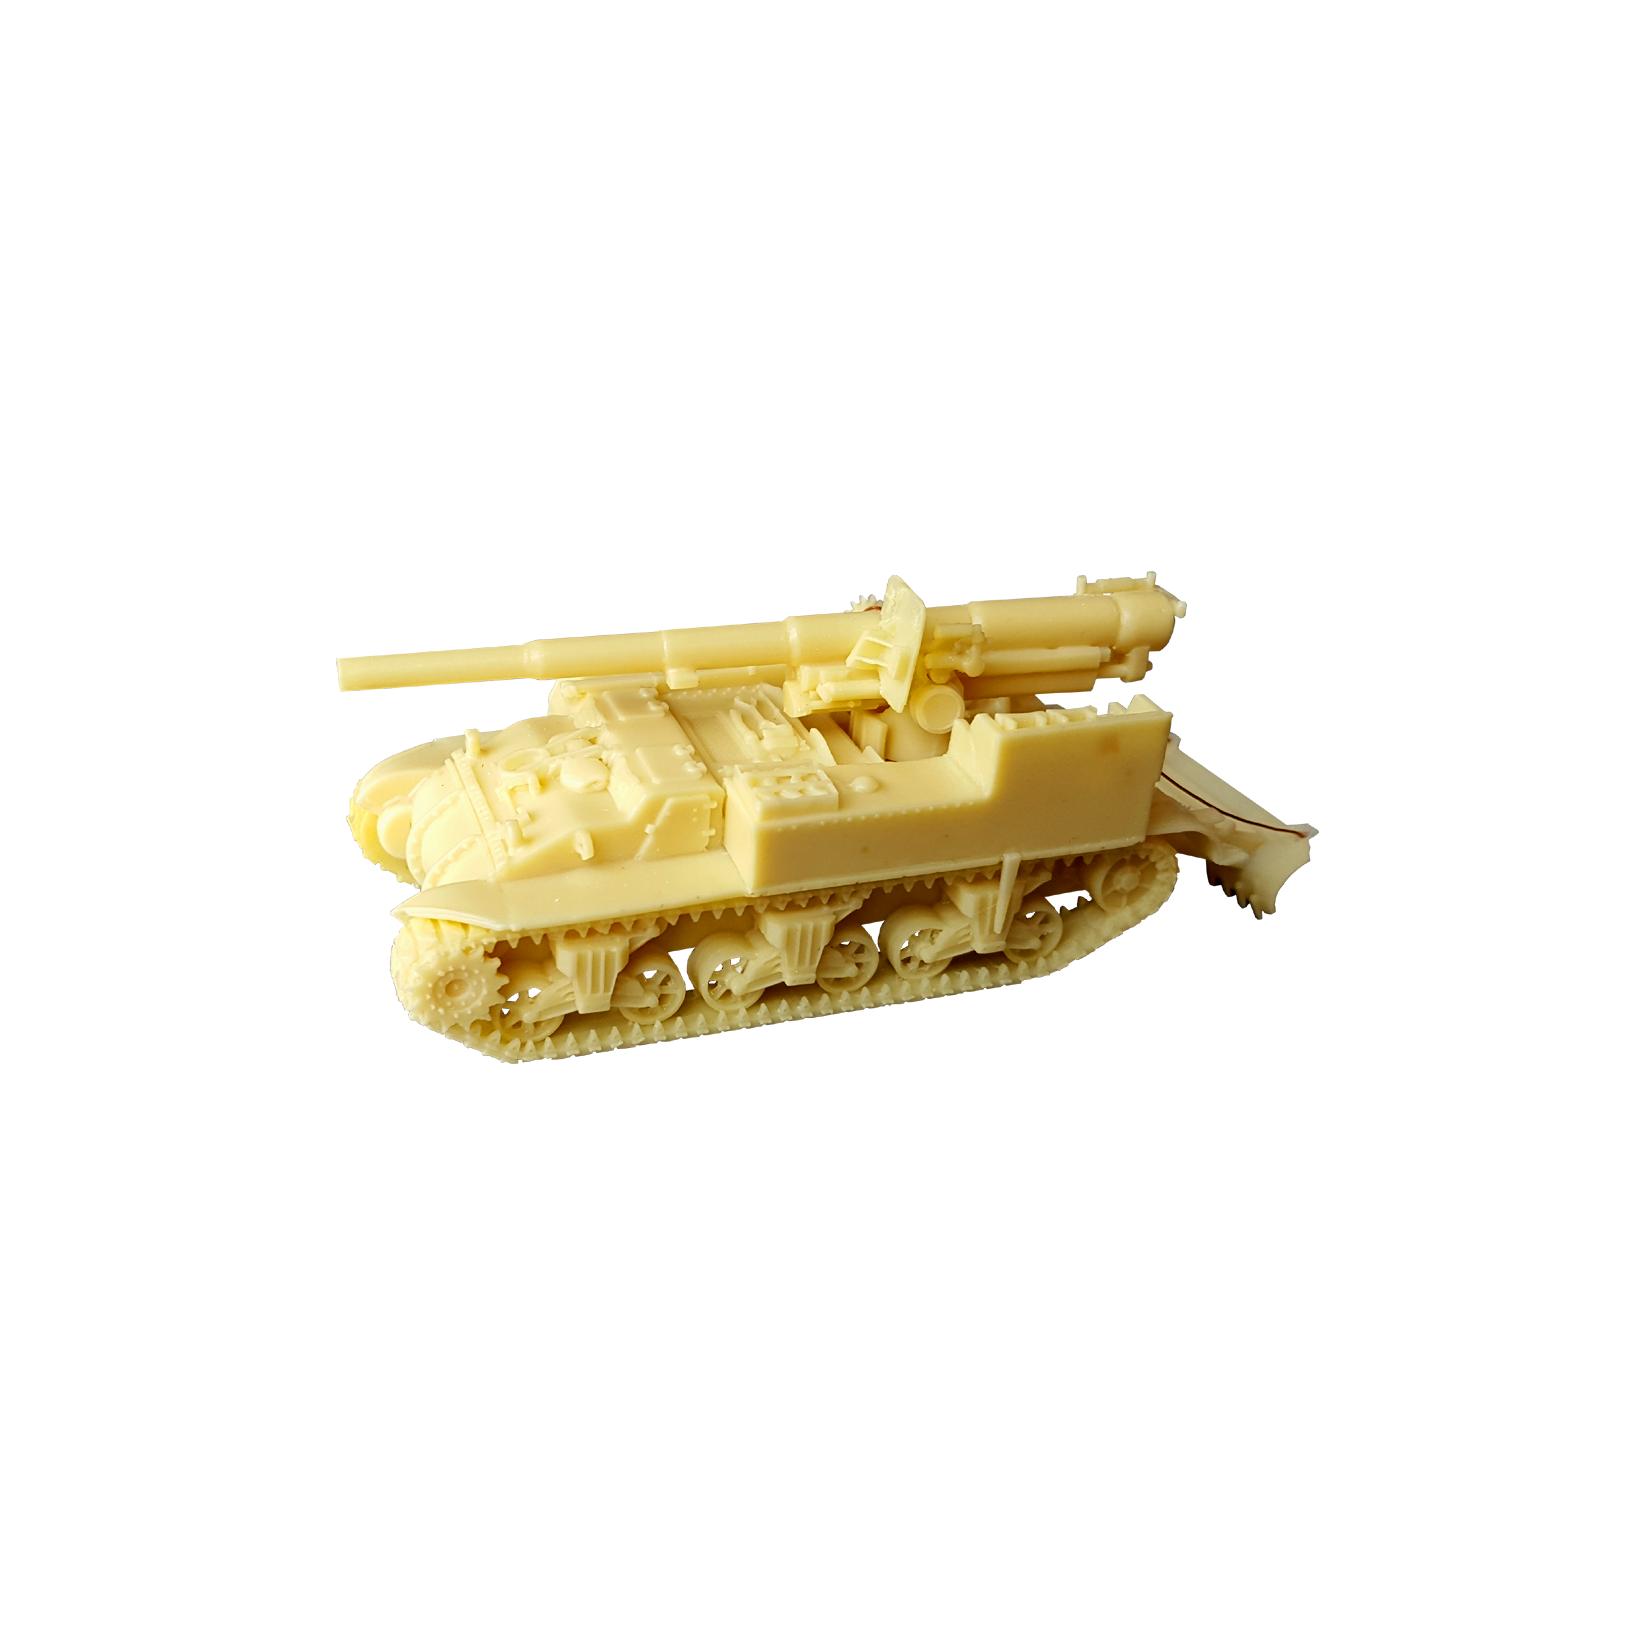 M12 Gun Motor Carriage 155mm